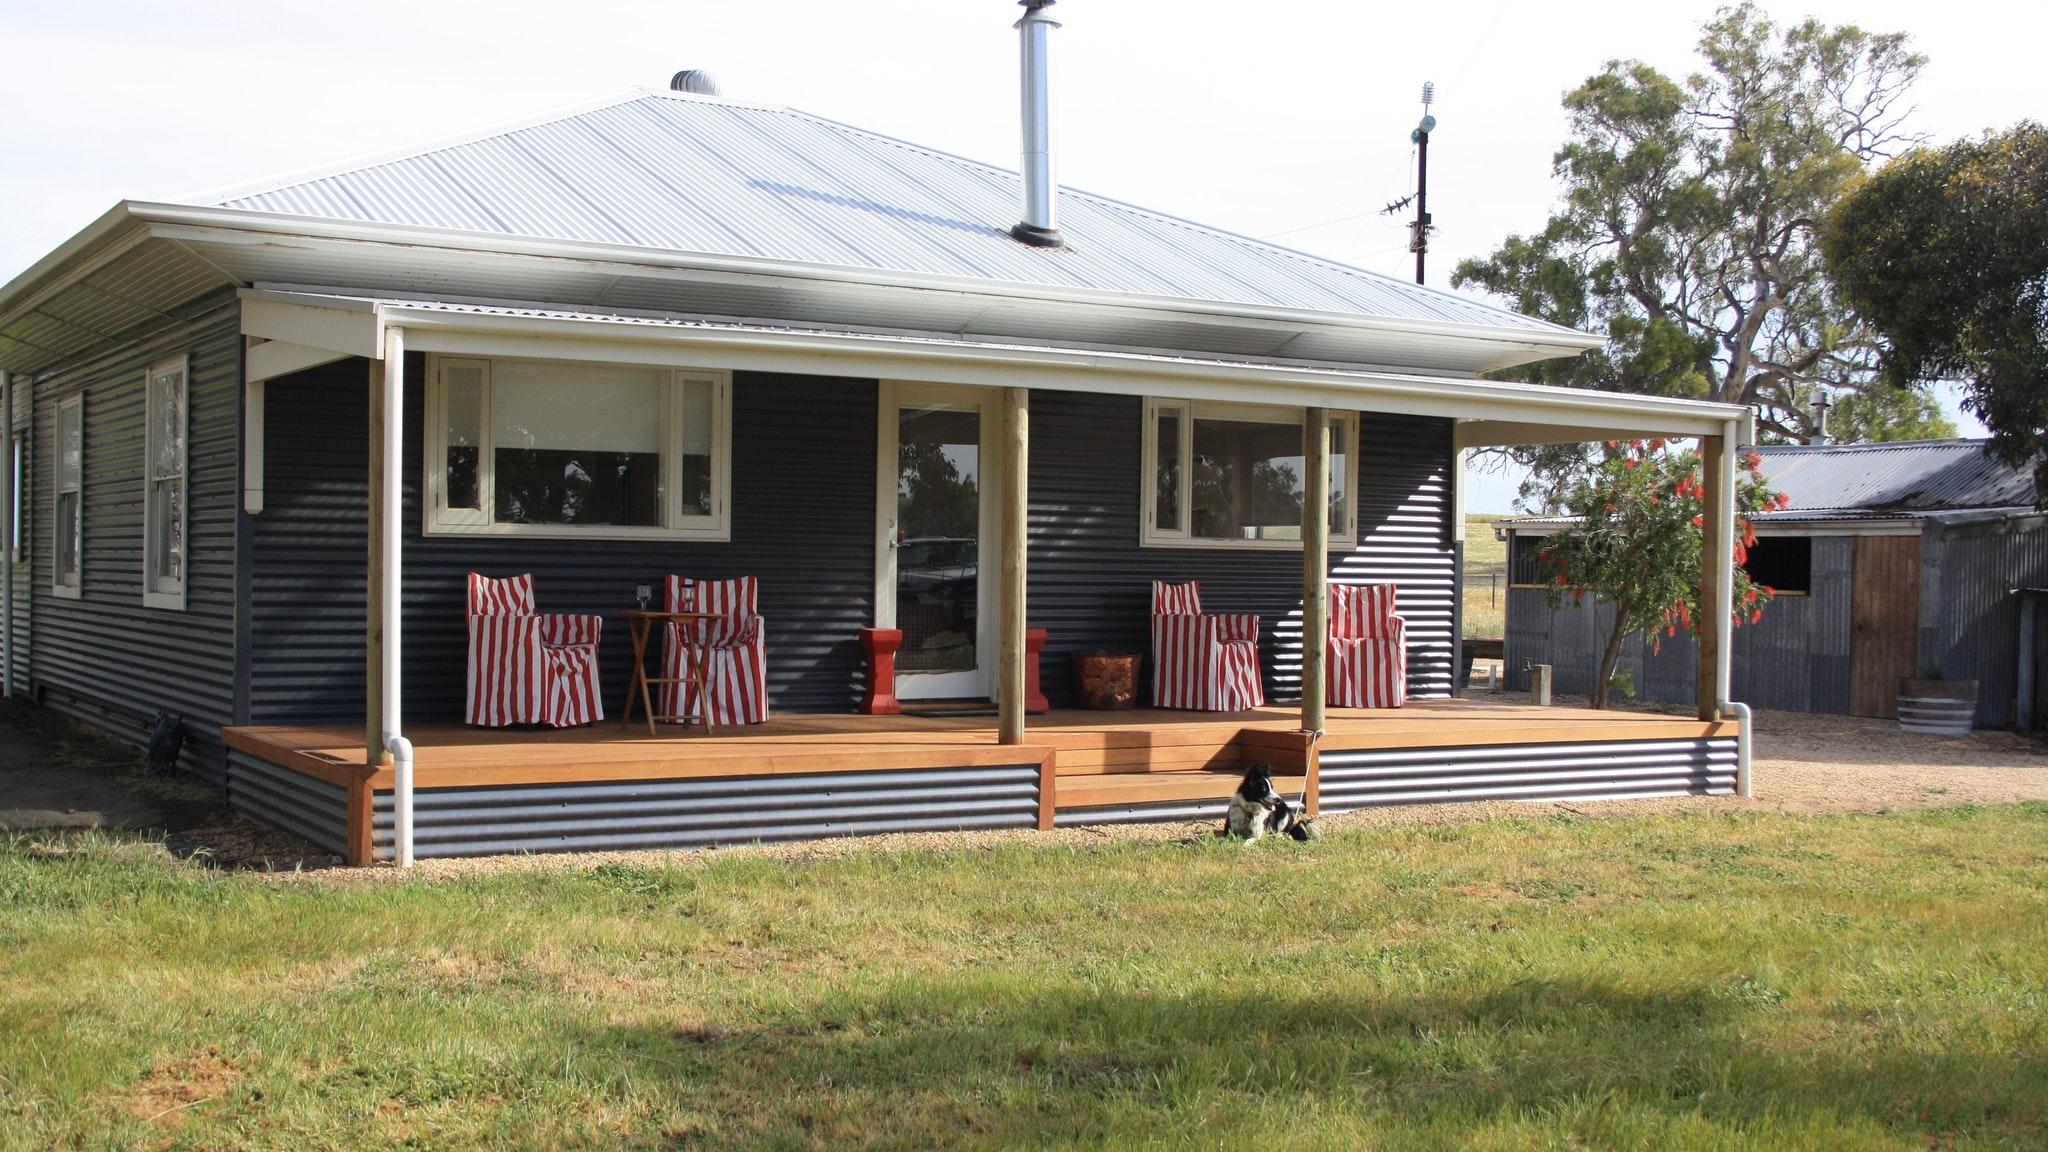 Rabbiter's Hut Image